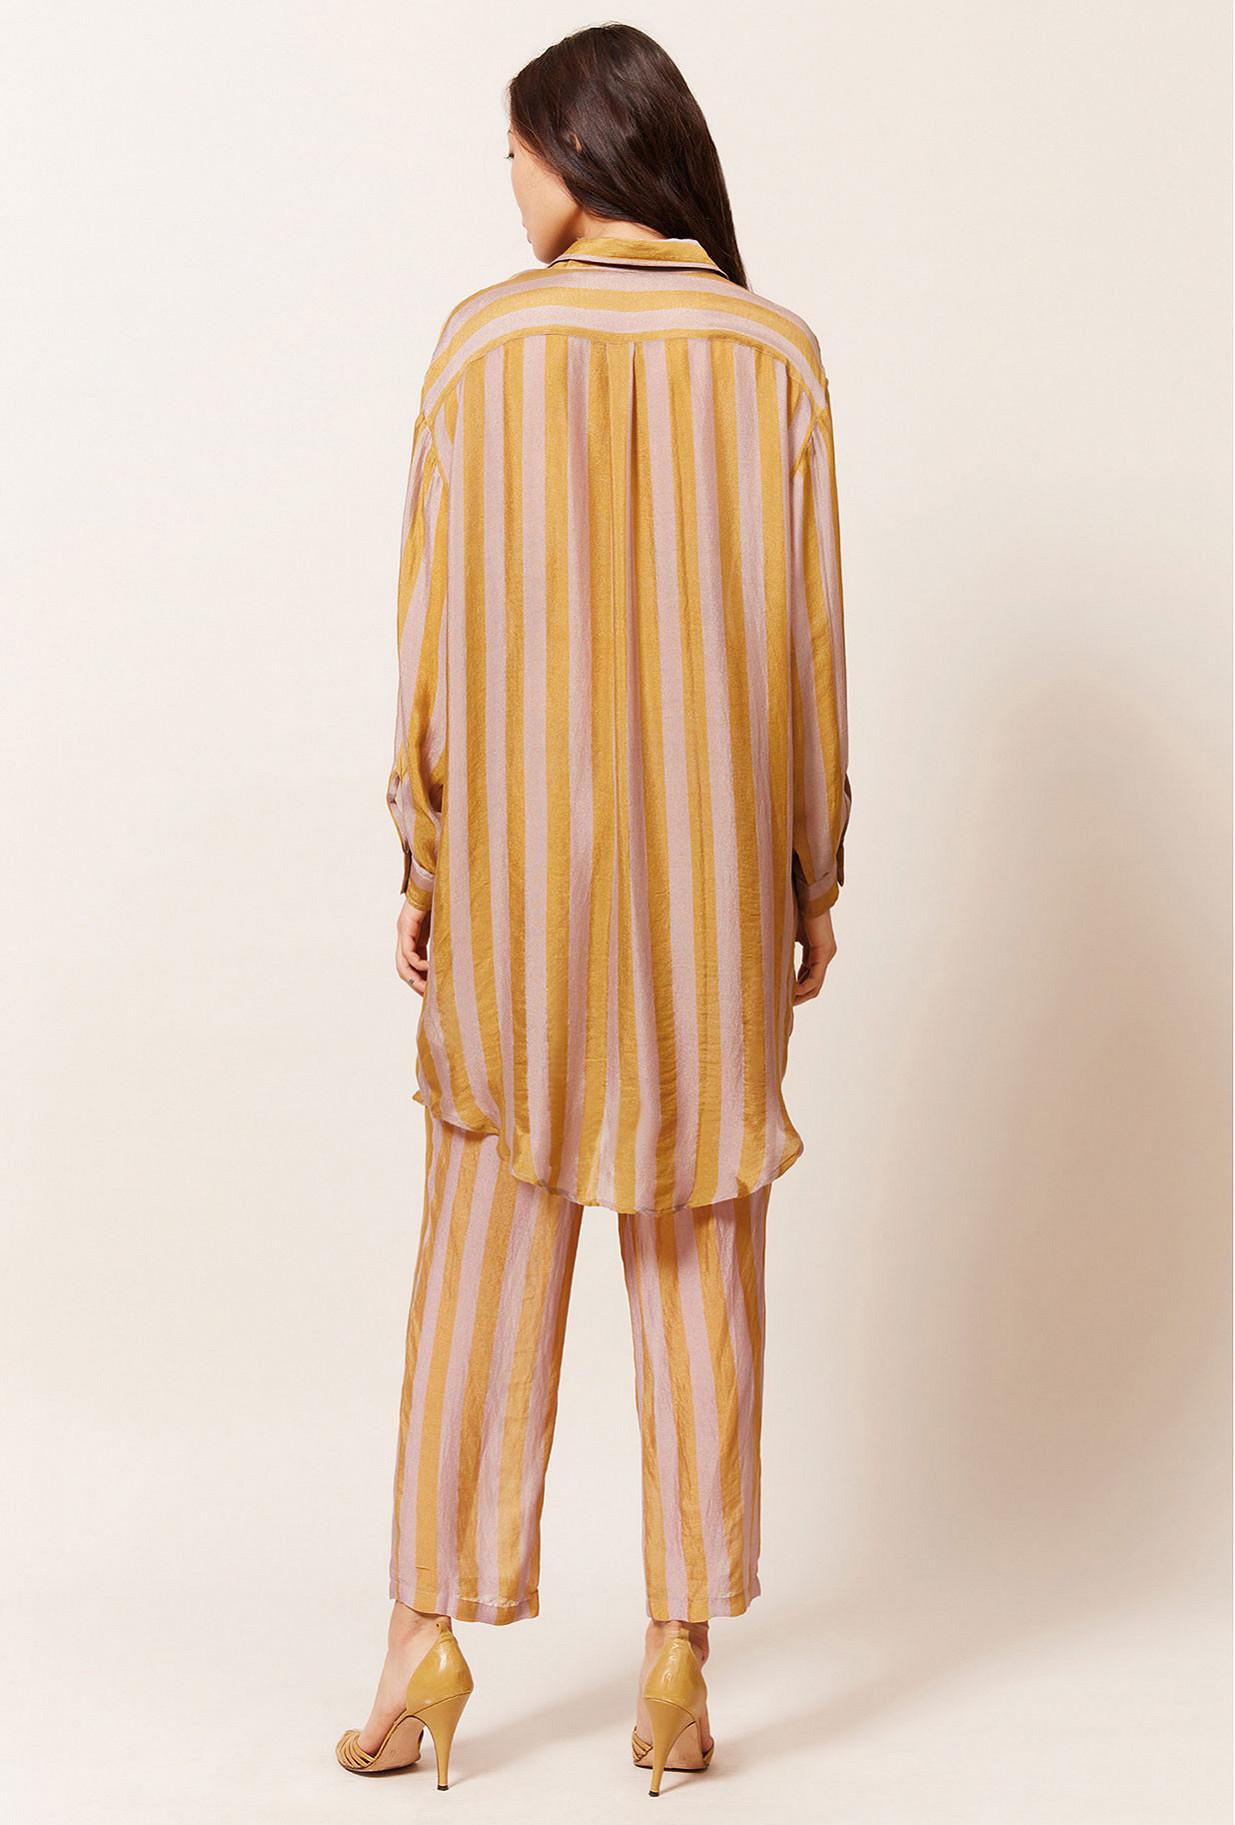 Paris boutique de mode vêtement Chemise créateur bohème  Hawai